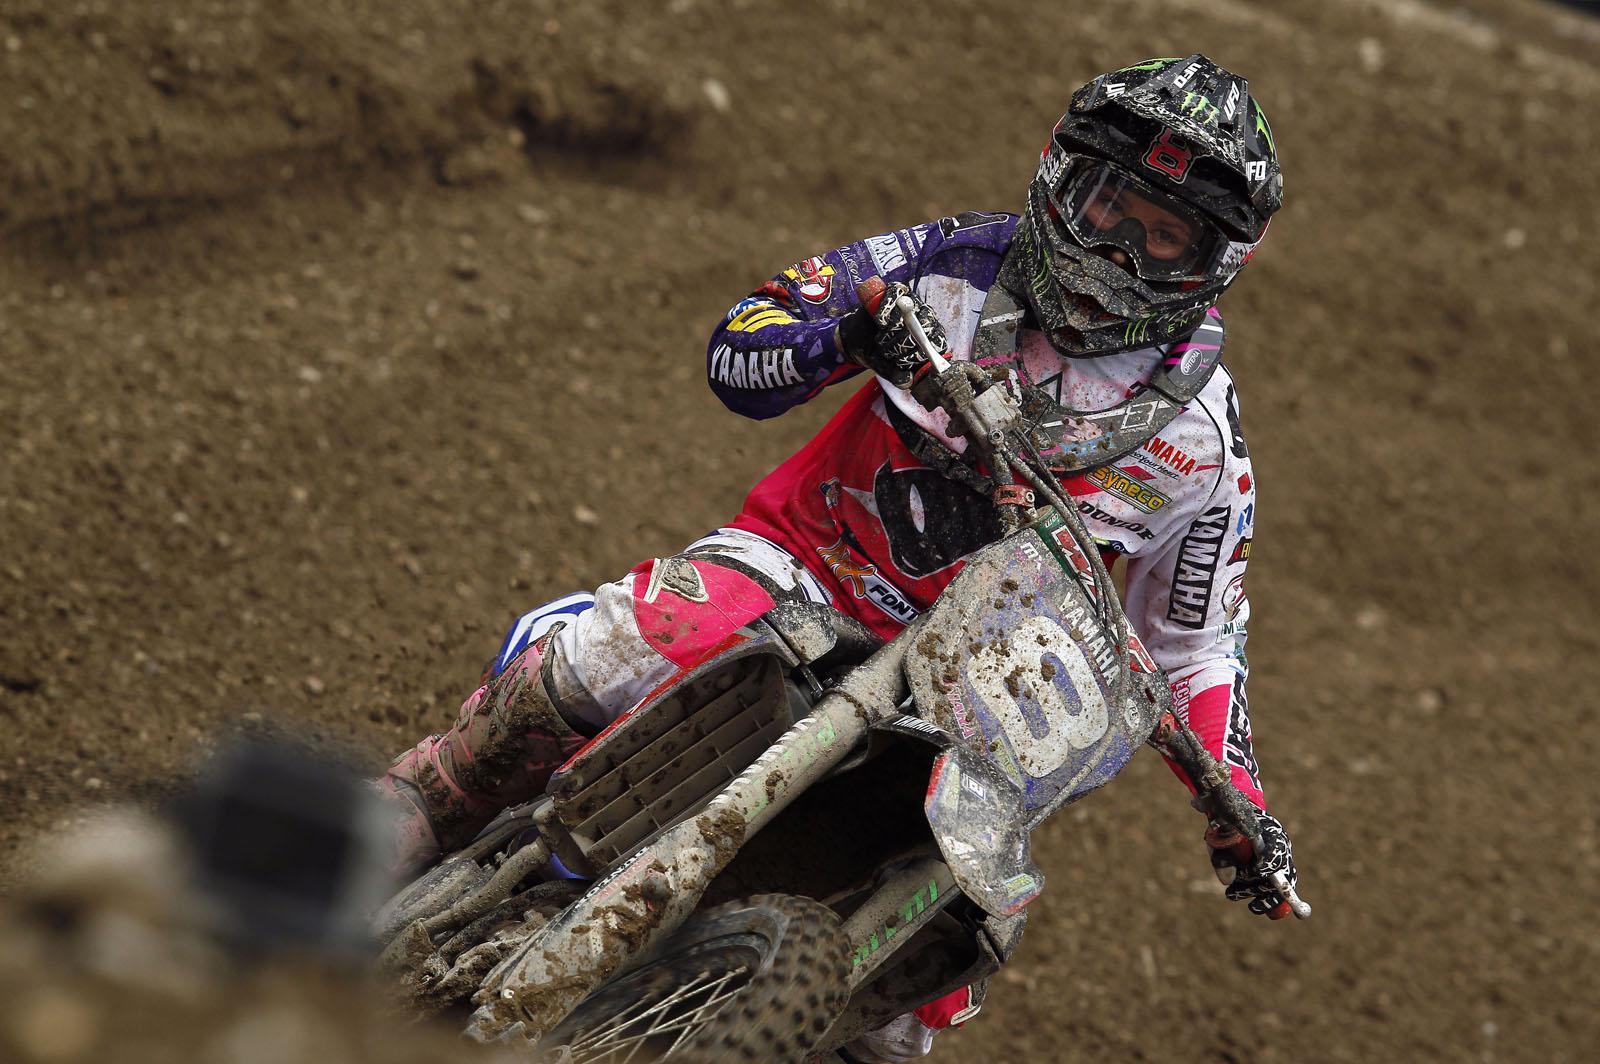 Dunlop tinteste cel de-al treilea podium consecutiv in Grand Prix-ul francez de MX